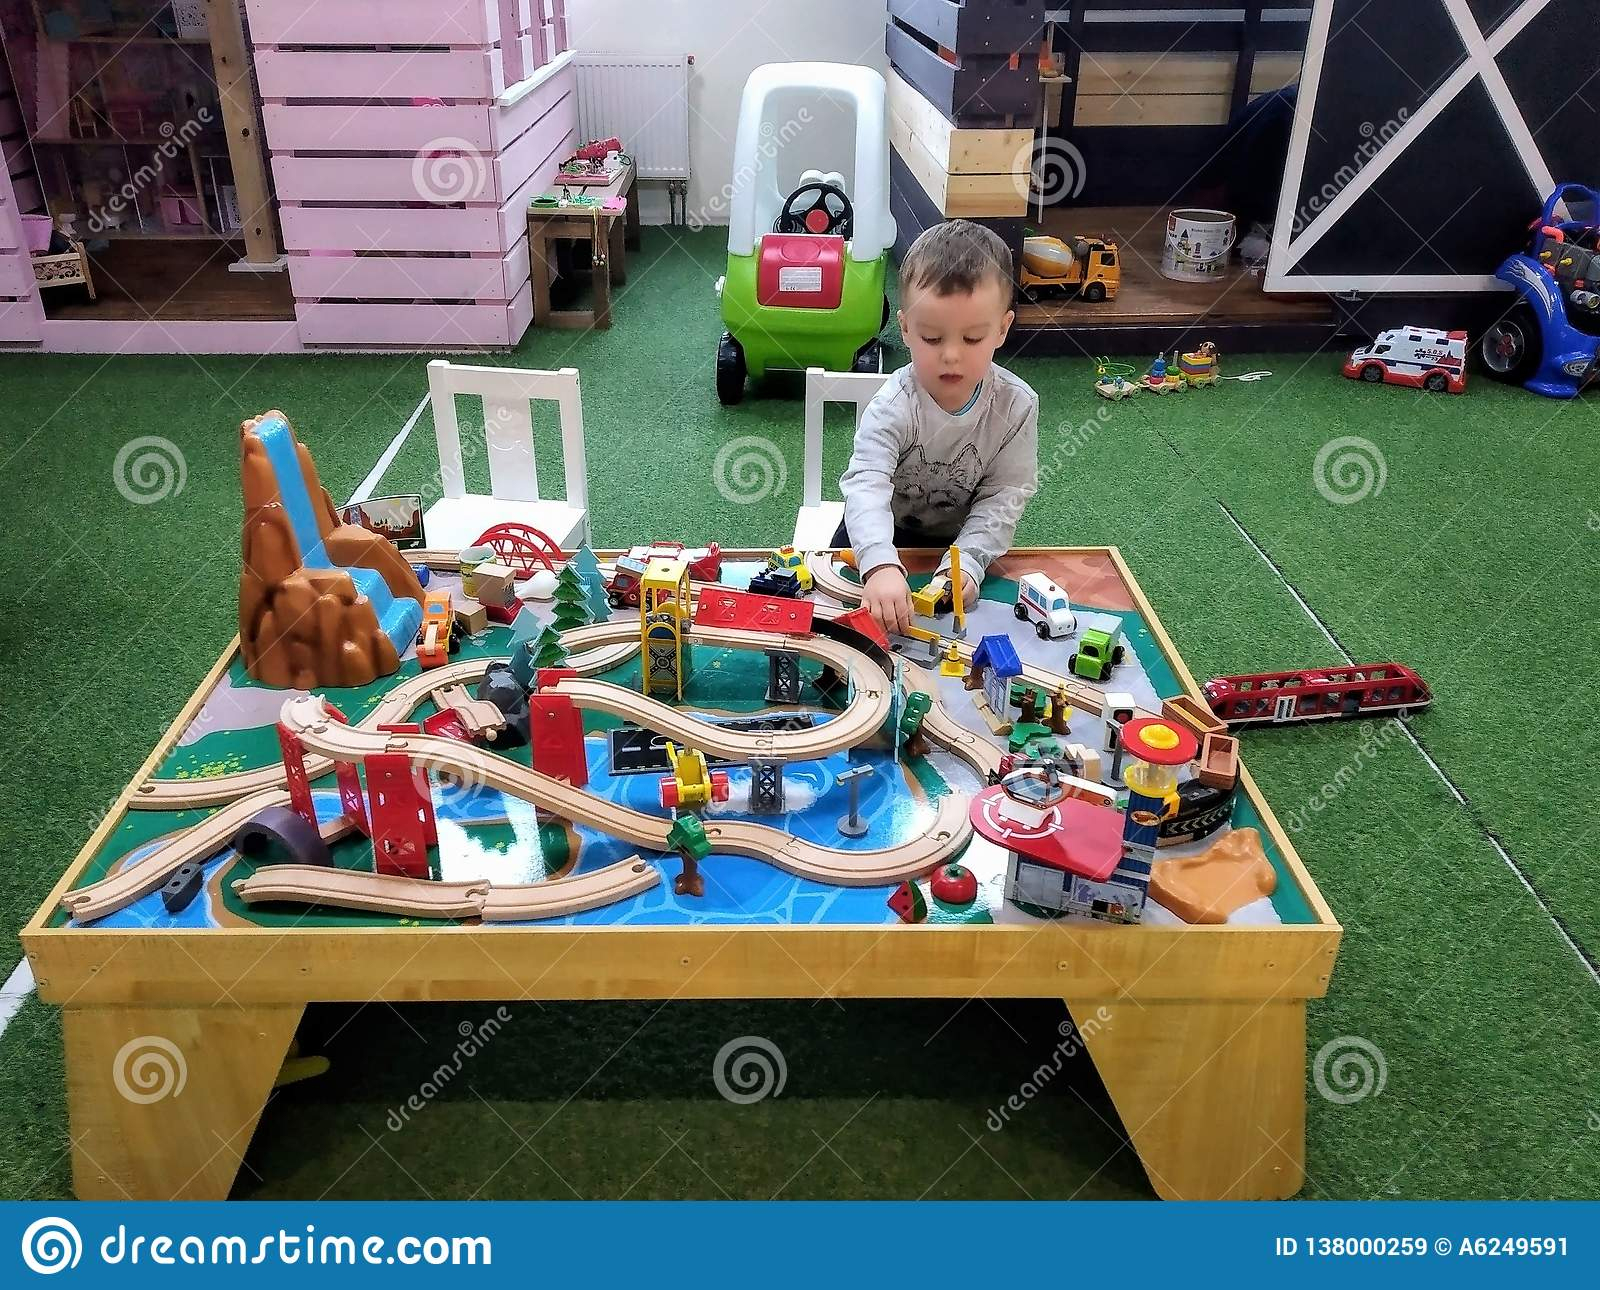 Le Garçon À L'âge De 3 Ans De Jeux Avec Le Chemin De Fer Des intérieur Jeux Enfant De 3 Ans